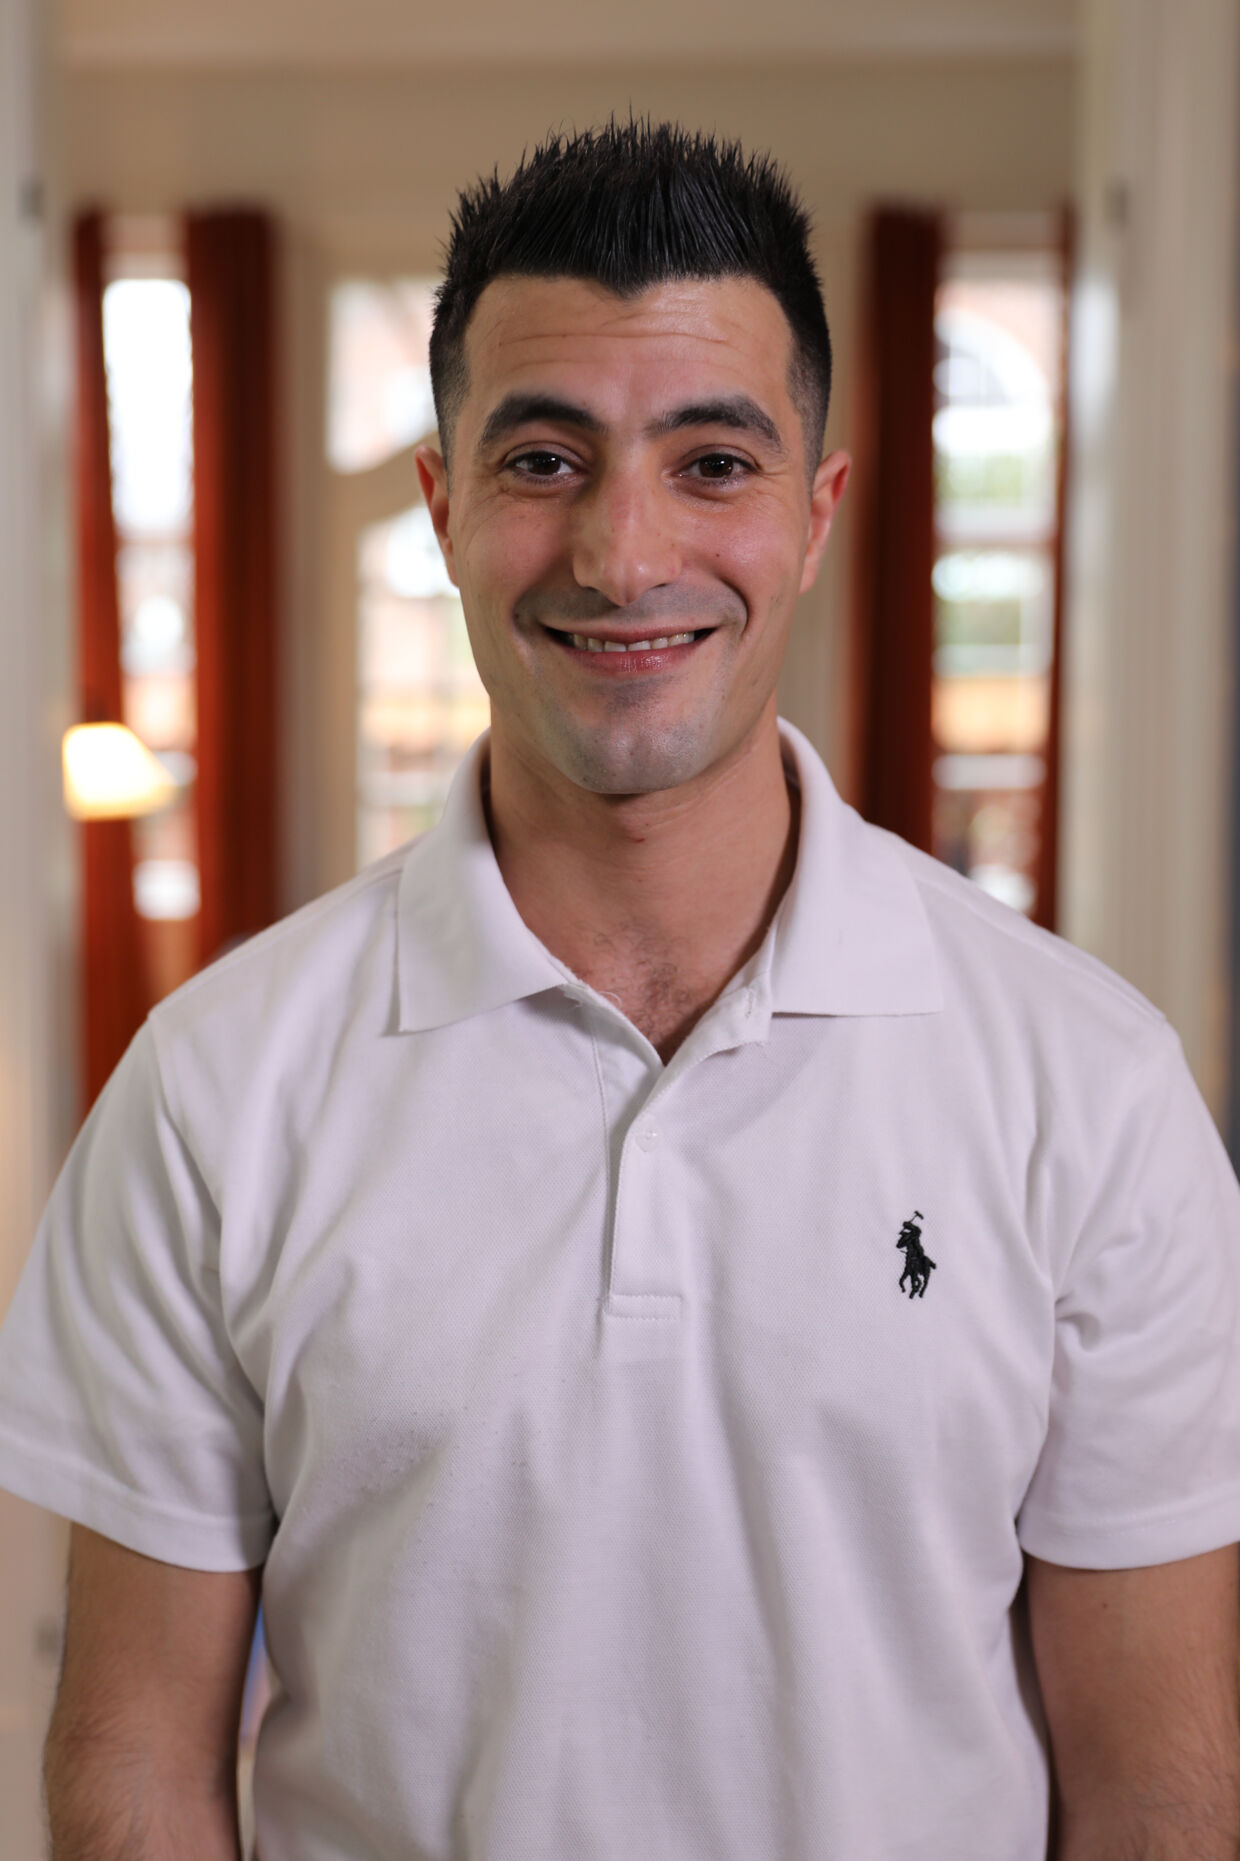 Mohamad El-Saadi var med i datingprogrammet 'Klæd mig af' på TV 2 Zulu. Her ses et pressebillede fra programmet.